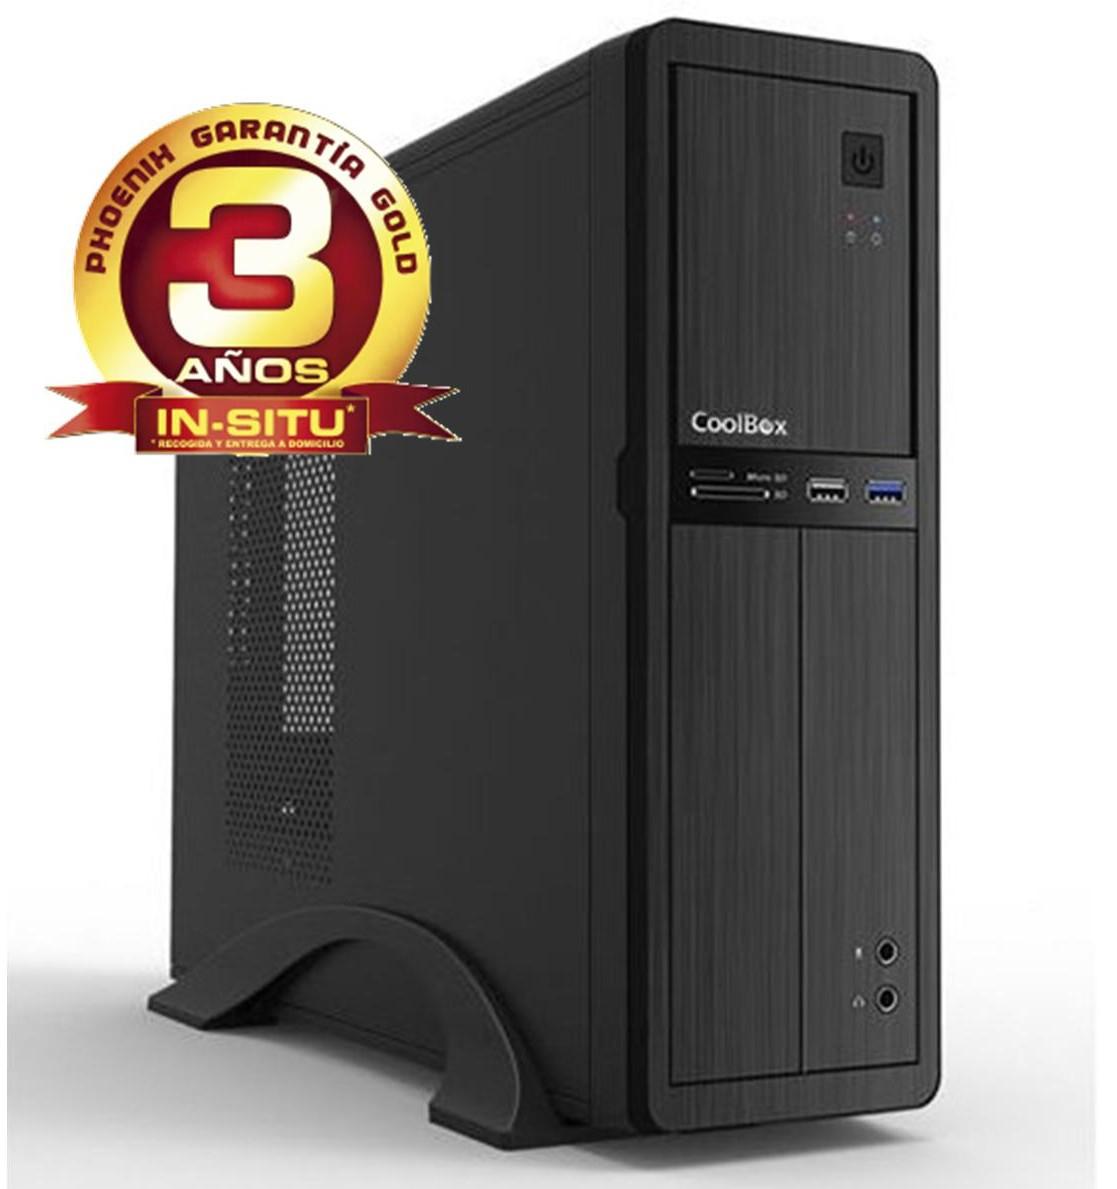 ORDENADOR DE OFICINA PHOENIX OBERON PRO INTEL CORE I3 6º GEN 4GB DDR4 500 GB RW MICRO ATX SLIM  PC SOBREMESA